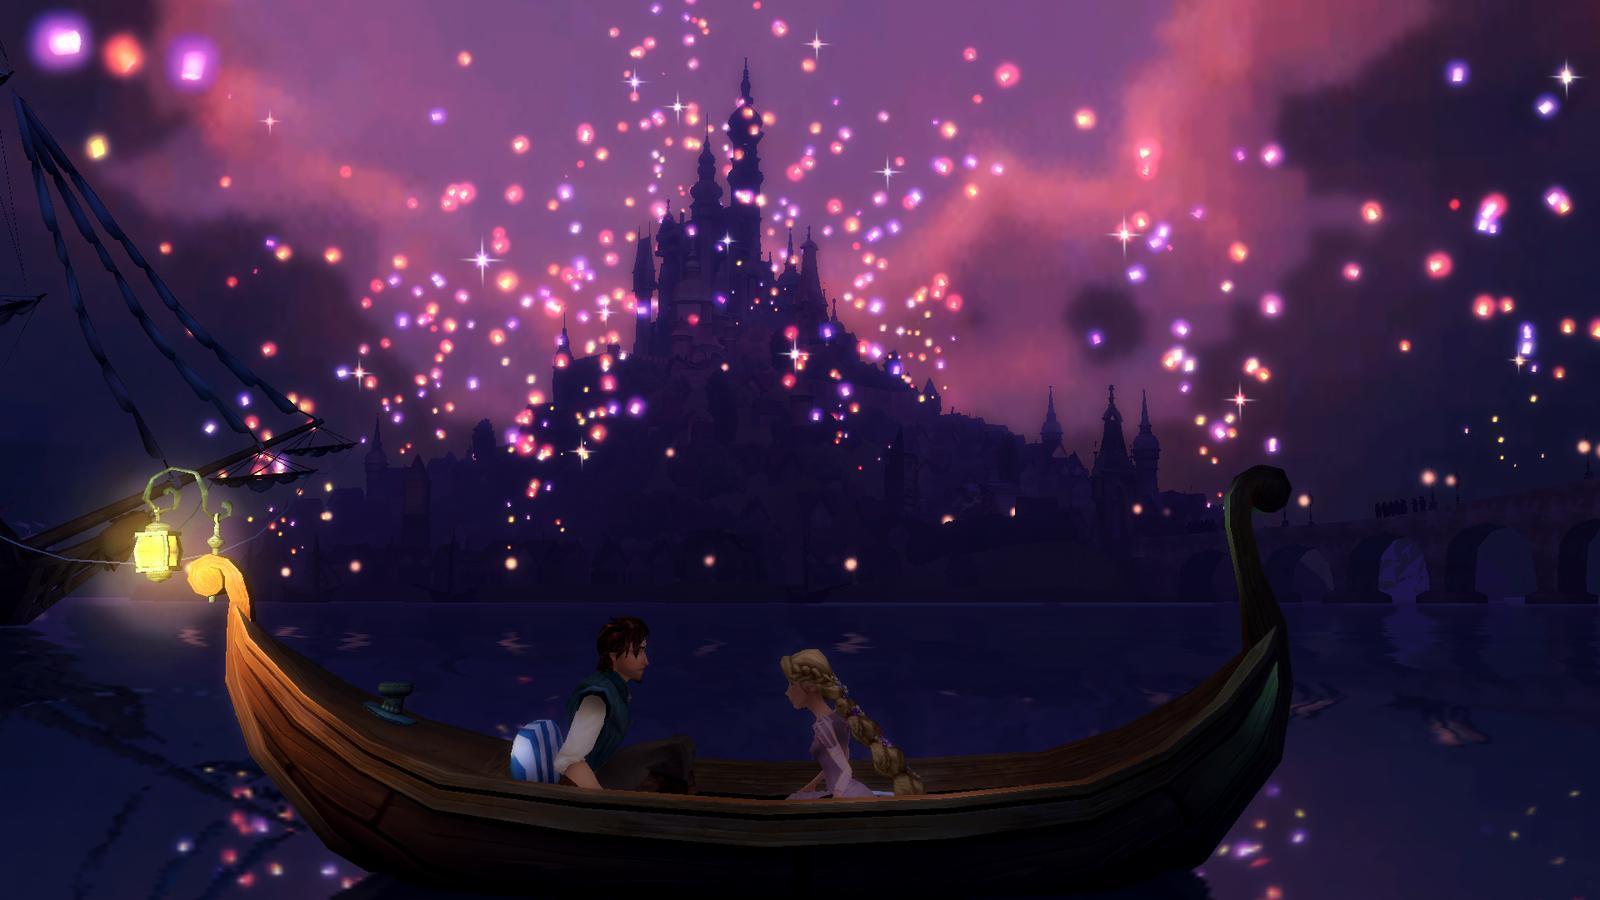 Disney Desktop Wallpaper Hd: Disney Tangled Wallpapers